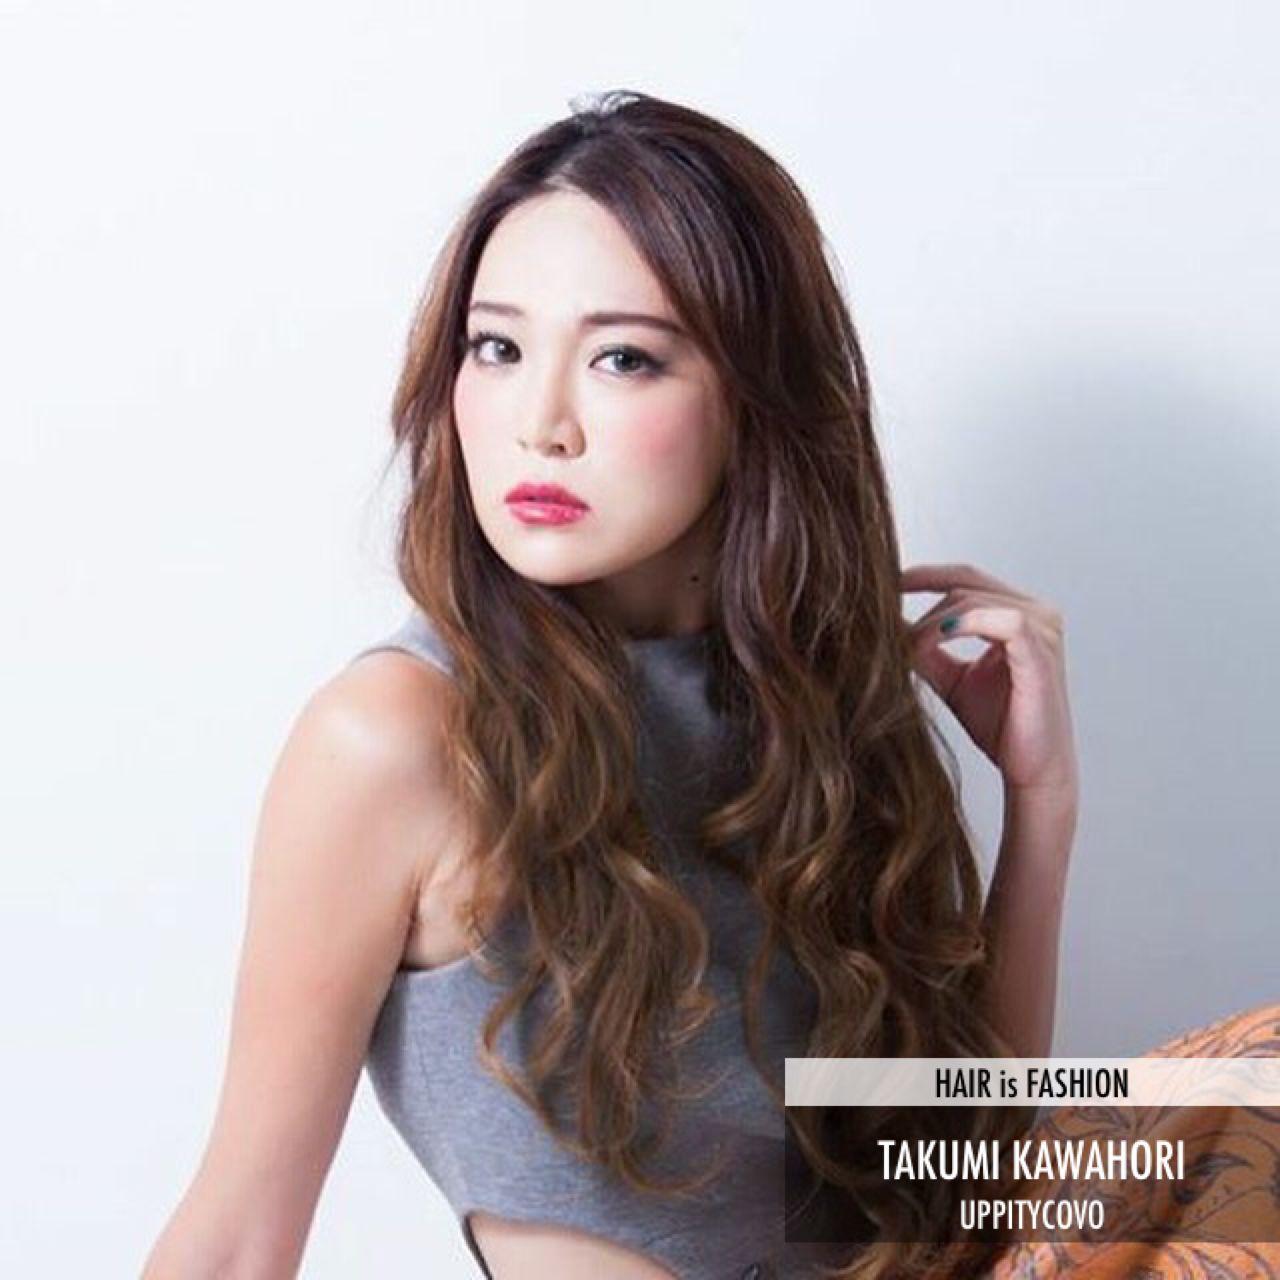 ゆるふわ フェミニン ロング グラデーションカラー ヘアスタイルや髪型の写真・画像 | TAKUMI KAWAHORI / ank classic